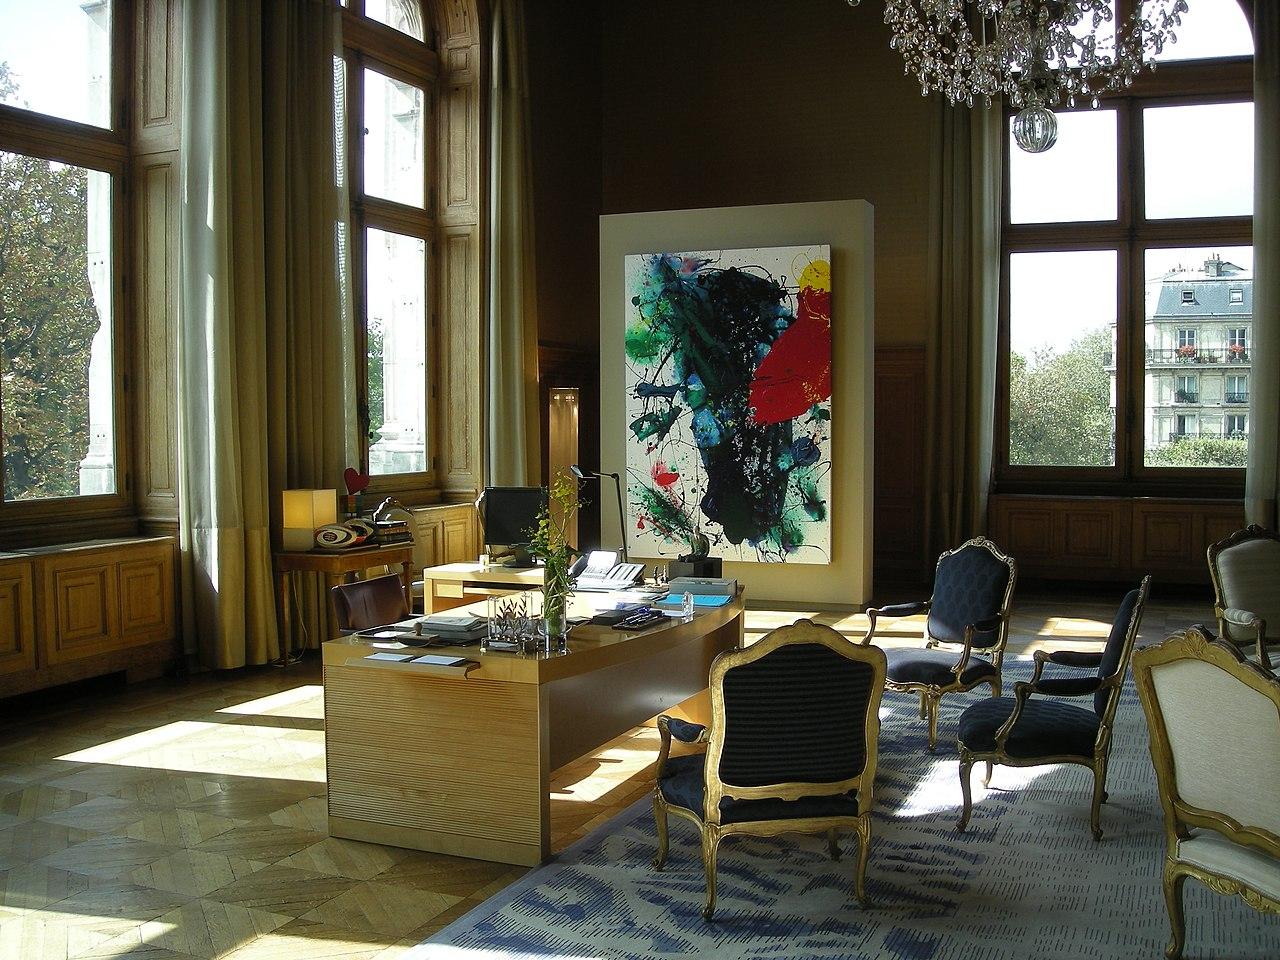 file le bureau du maire de paris monsieur bertrand delano jpg wikimedia commons. Black Bedroom Furniture Sets. Home Design Ideas